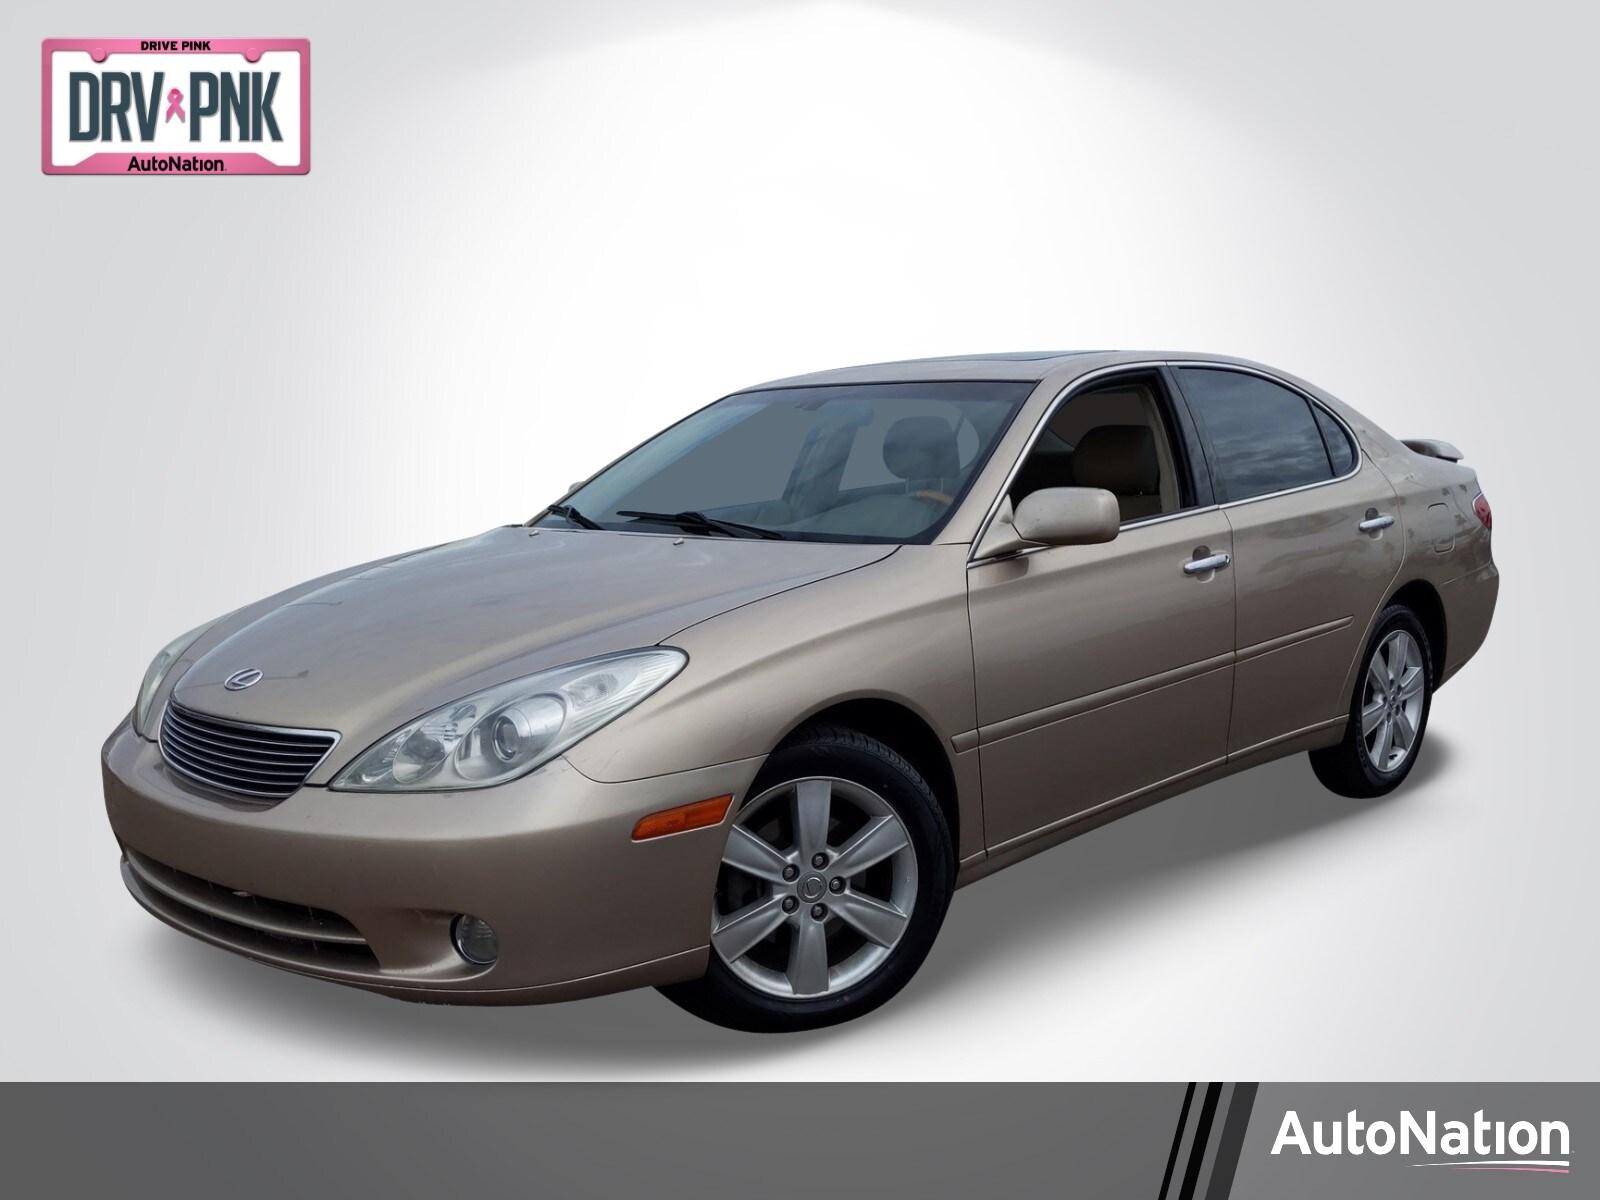 2006 LEXUS ES 330 4dr Car